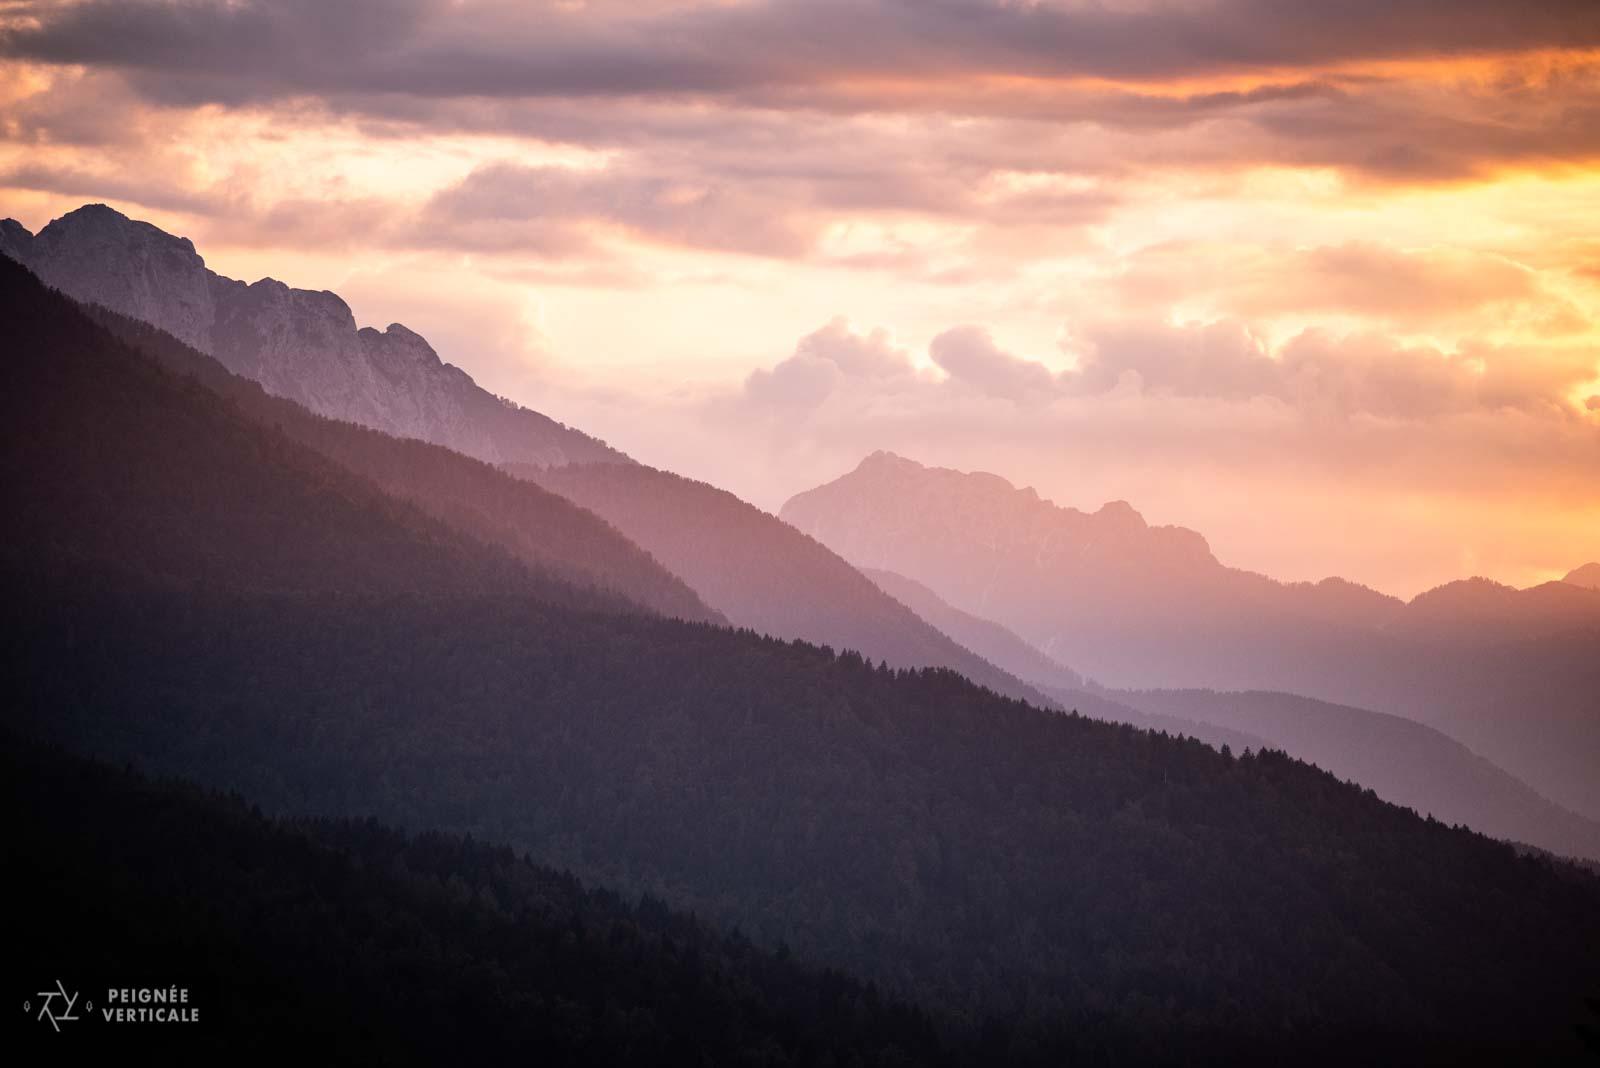 Lever de soleil sur les montagnes